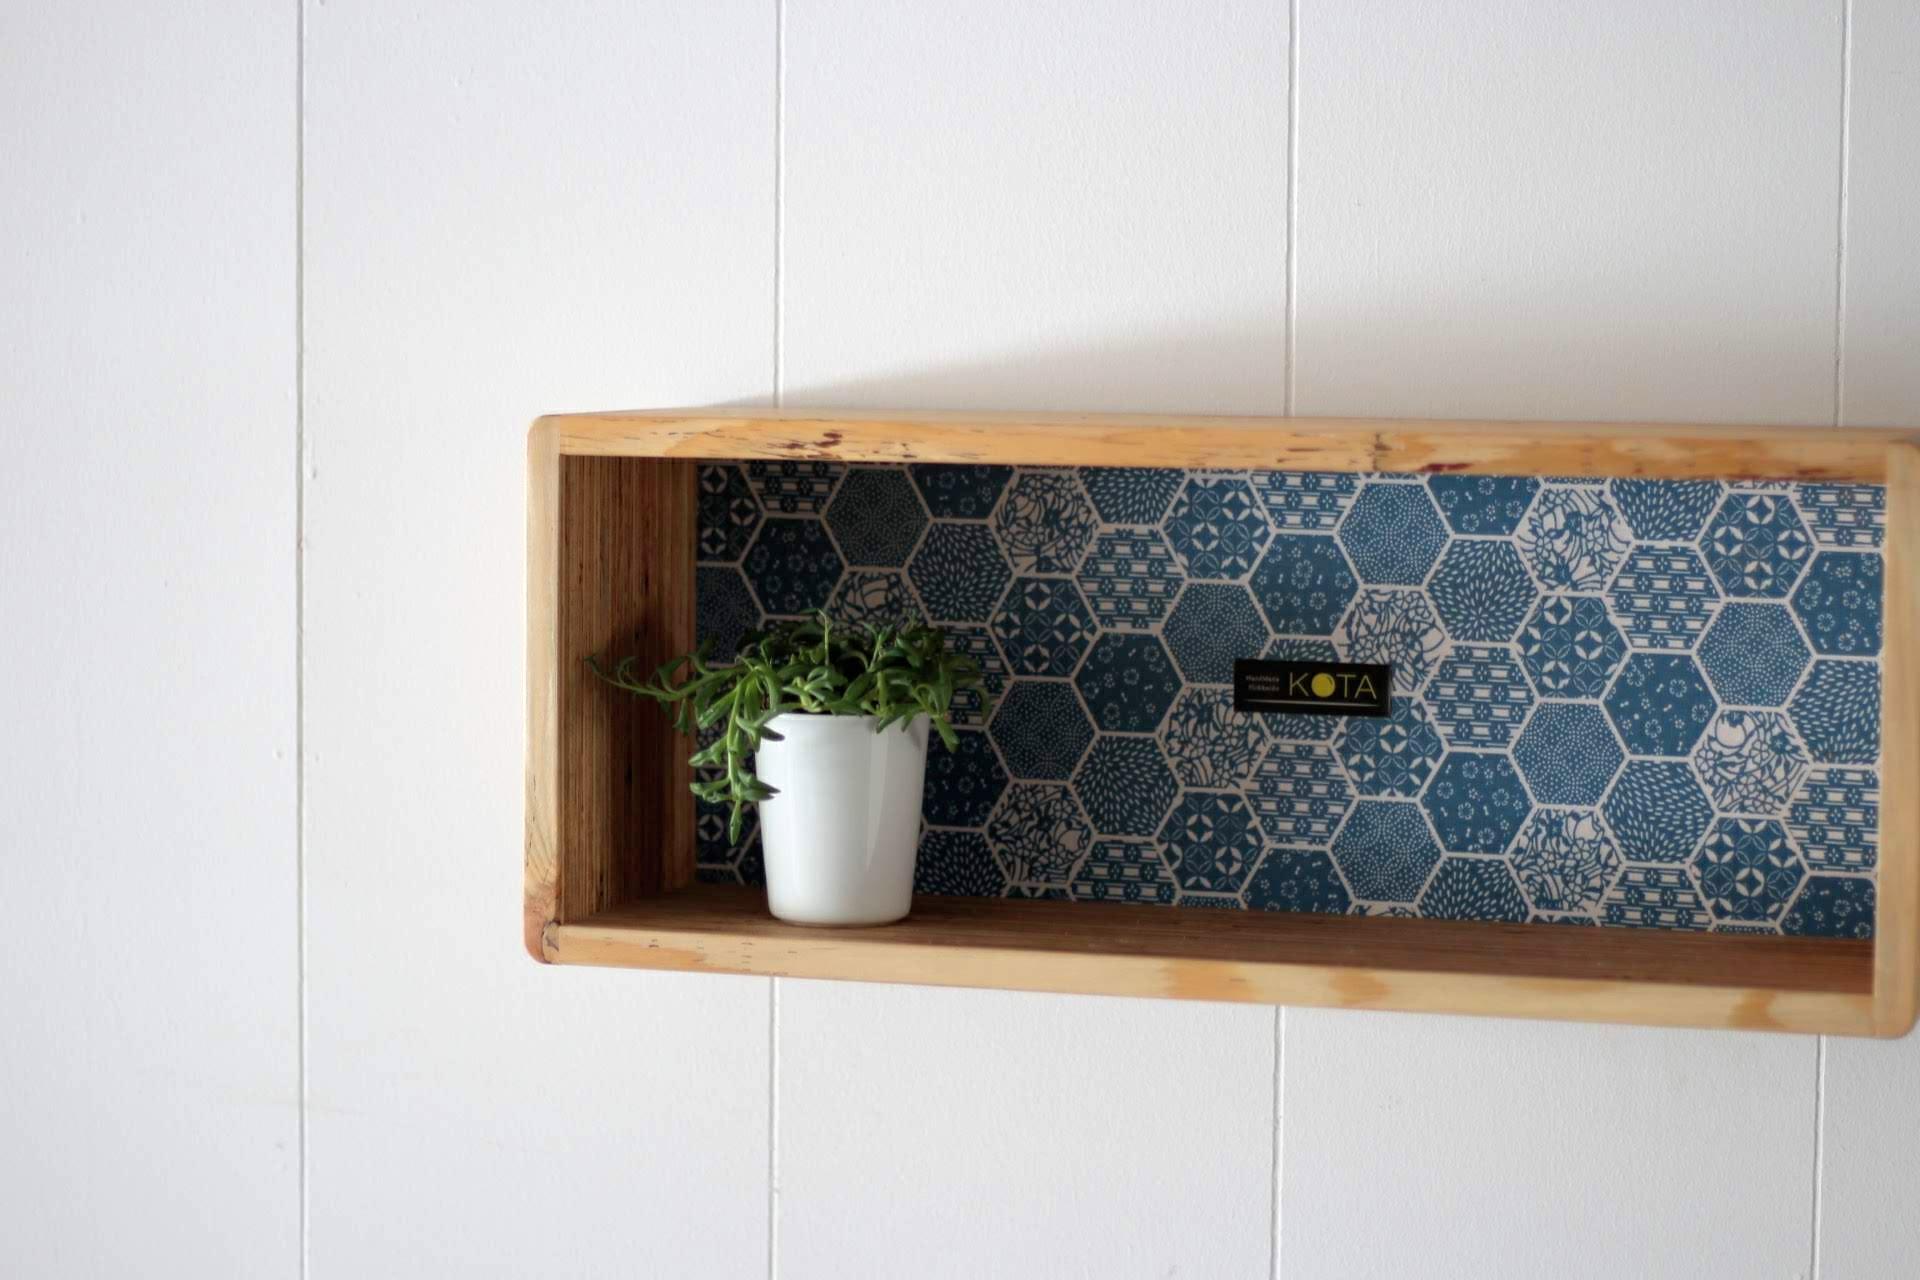 この商品に似ているアイテム画像(KOTAオリジナル 和柄箱型飾り棚(和柄ブルー)|moonlit-studio(ムーンリットスタジオ))